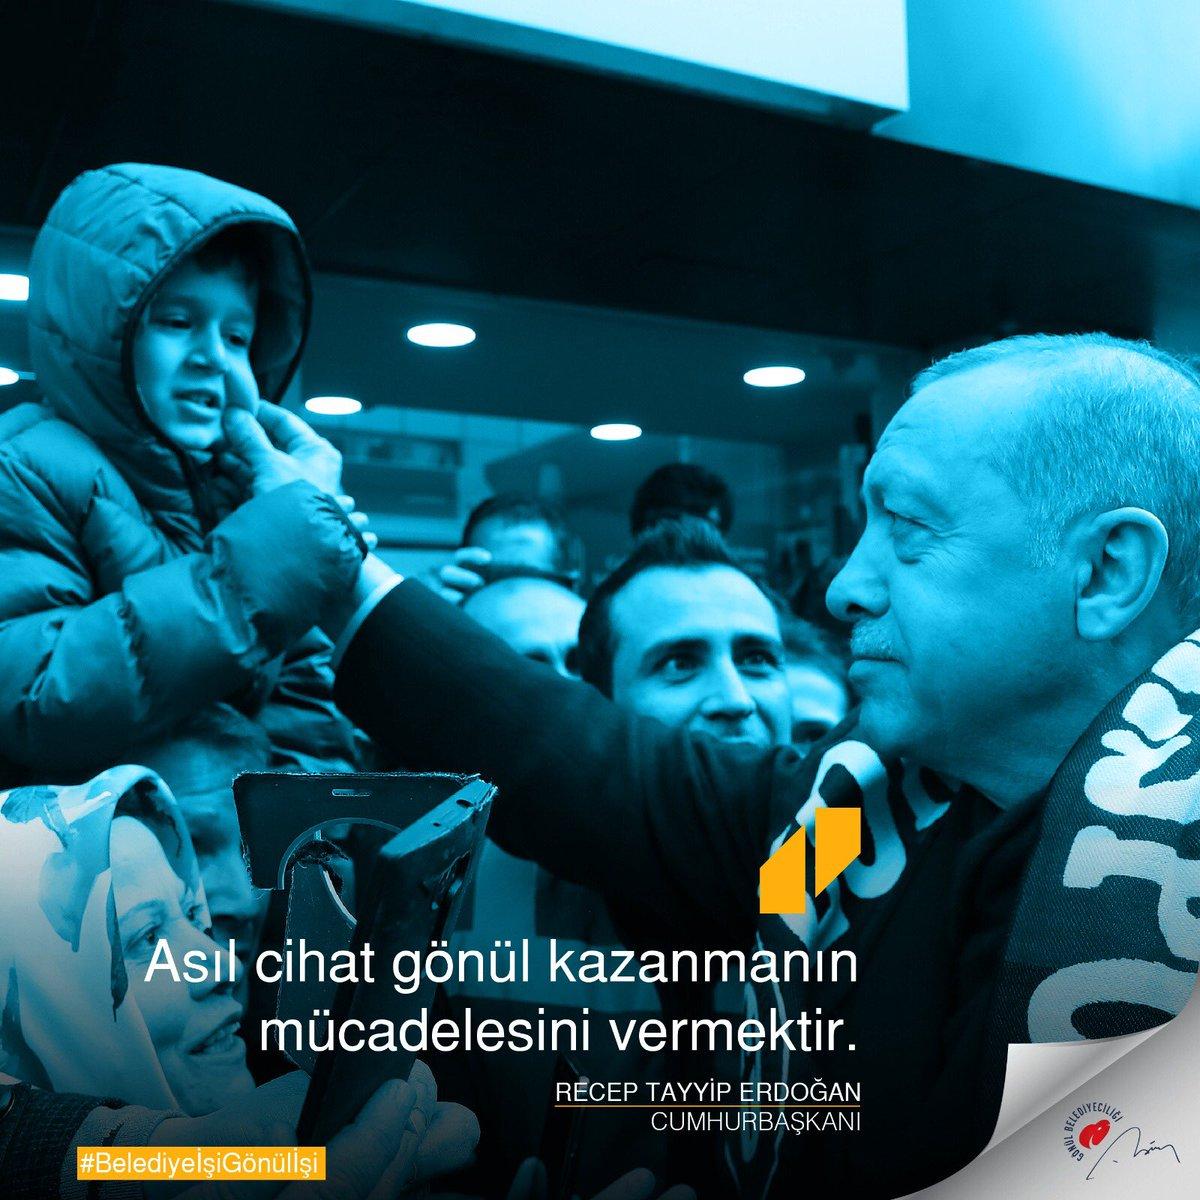 Ahmet ÇAKIR 🇹🇷 on Twitter: